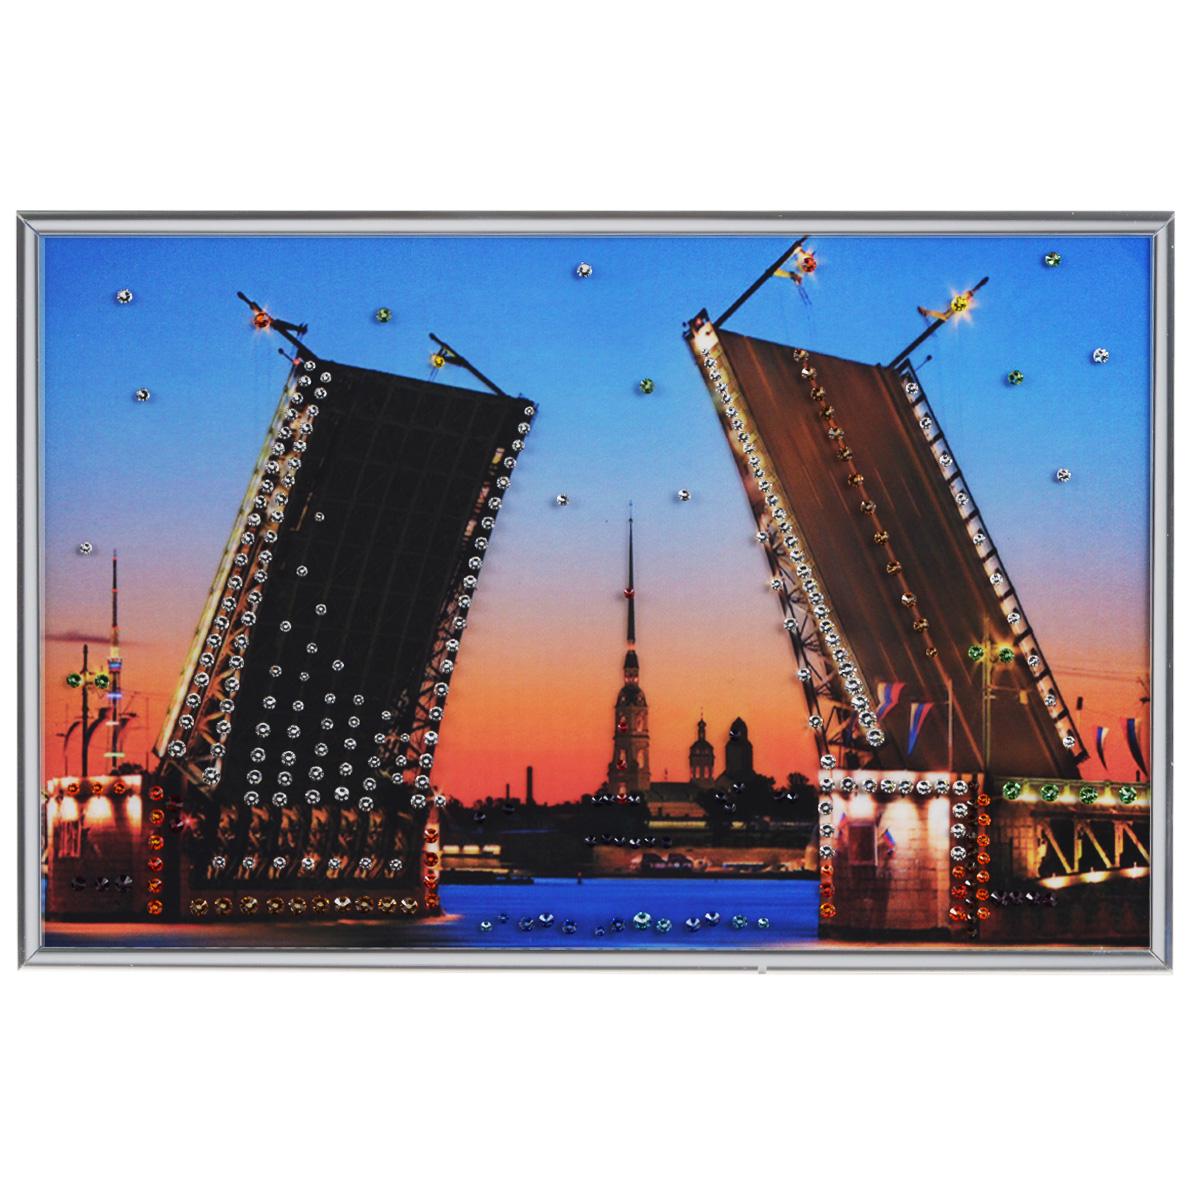 Картина с кристаллами Swarovski Дворцовый мост, 30 см х 20 смПР00123Изящная картина в металлической раме, инкрустирована кристаллами Swarovski, которые отличаются четкой и ровной огранкой, ярким блеском и чистотой цвета. Красочное изображение дворцового моста, расположенное под стеклом, прекрасно дополняет блеск кристаллов. С обратной стороны имеется металлическая петелька для размещения картины на стене.Картина с кристаллами Swarovski Дворцовый мост элегантно украсит интерьер дома или офиса, а также станет прекрасным подарком, который обязательно понравится получателю. Блеск кристаллов в интерьере, что может быть сказочнее и удивительнее. Картина упакована в подарочную картонную коробку синего цвета и комплектуется сертификатом соответствия Swarovski.